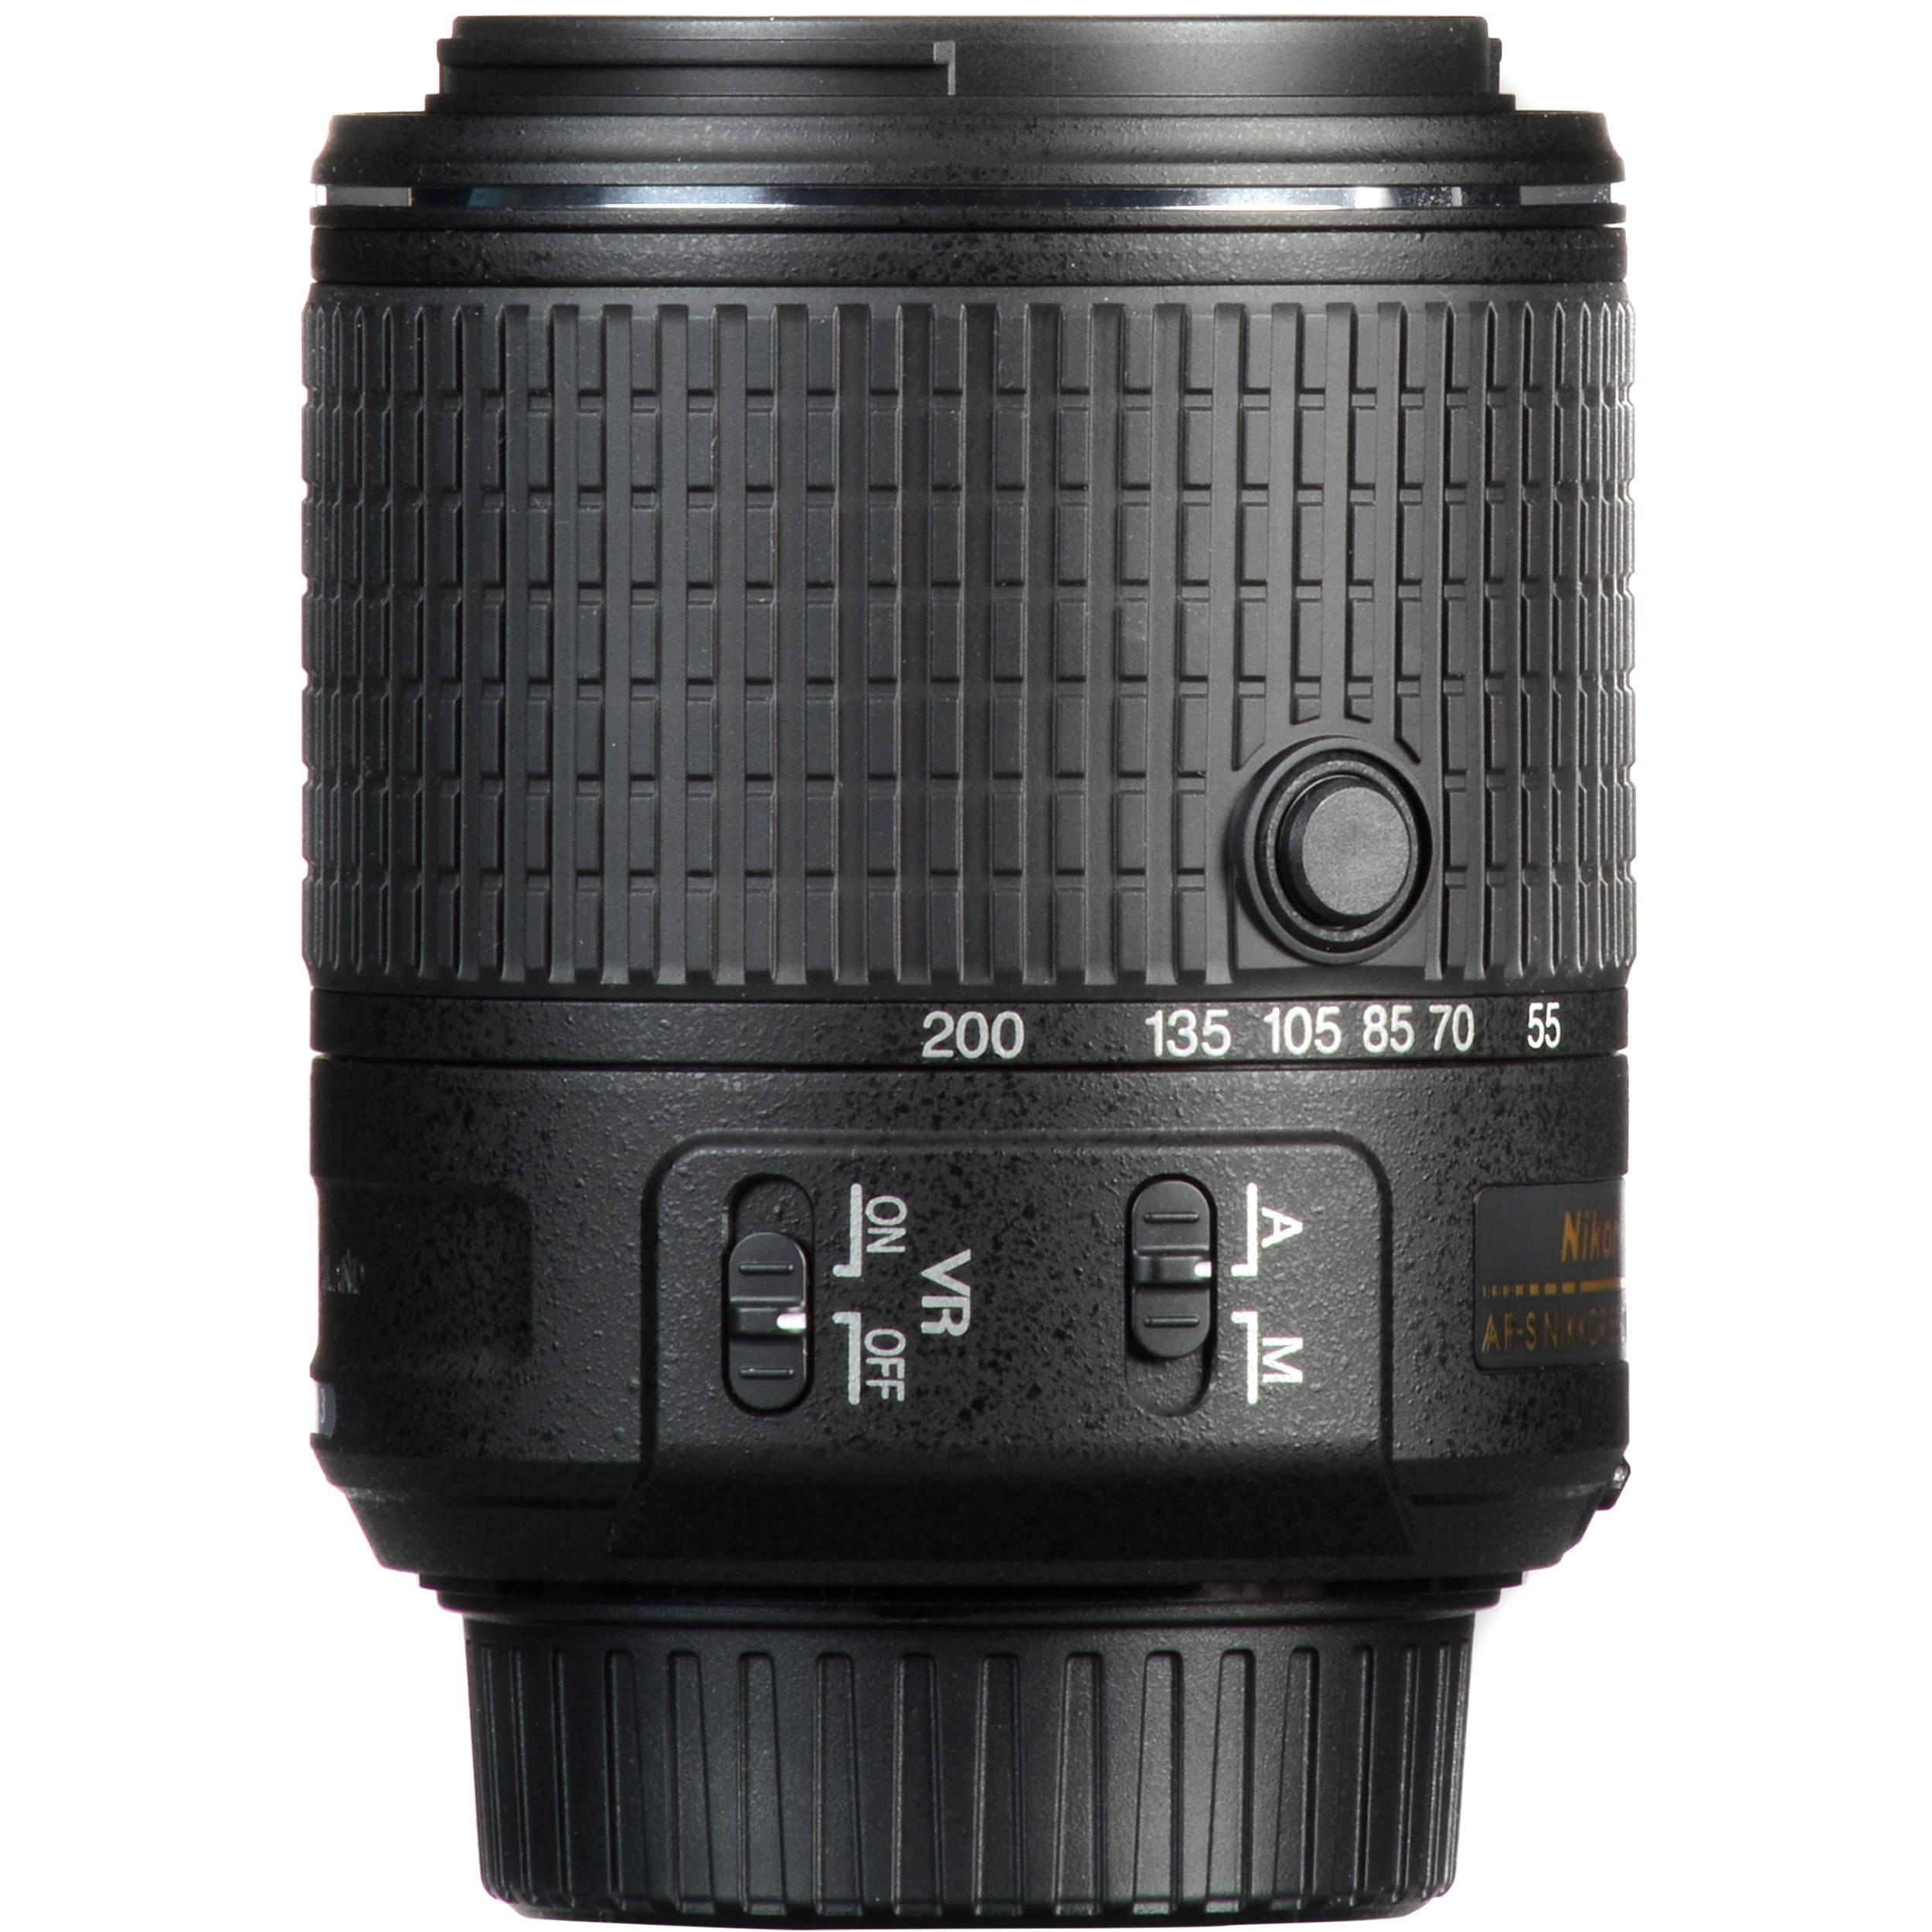 6 Pack Vello HB-37 Dedicated Lens Hood